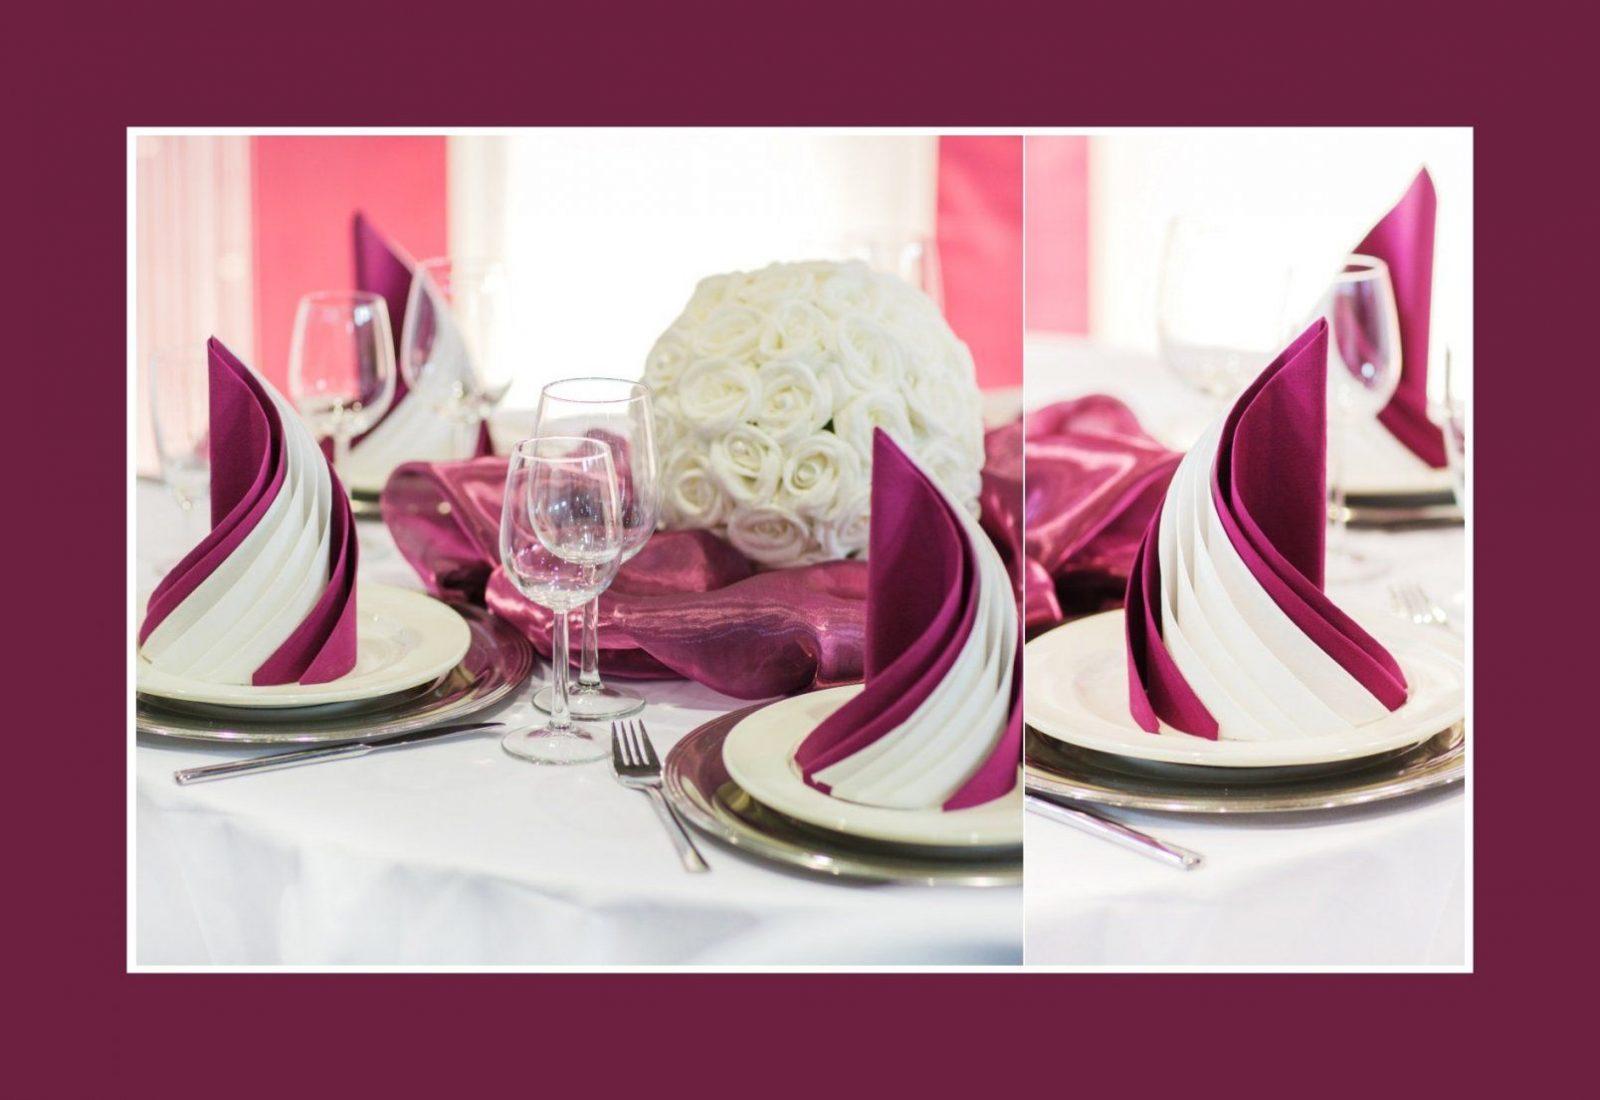 Servietten Zweifarbig Falten Mit Perfekt Lilie Anleitung Fächer 1 von Servietten Falten Bestecktasche Zweifarbig Bild